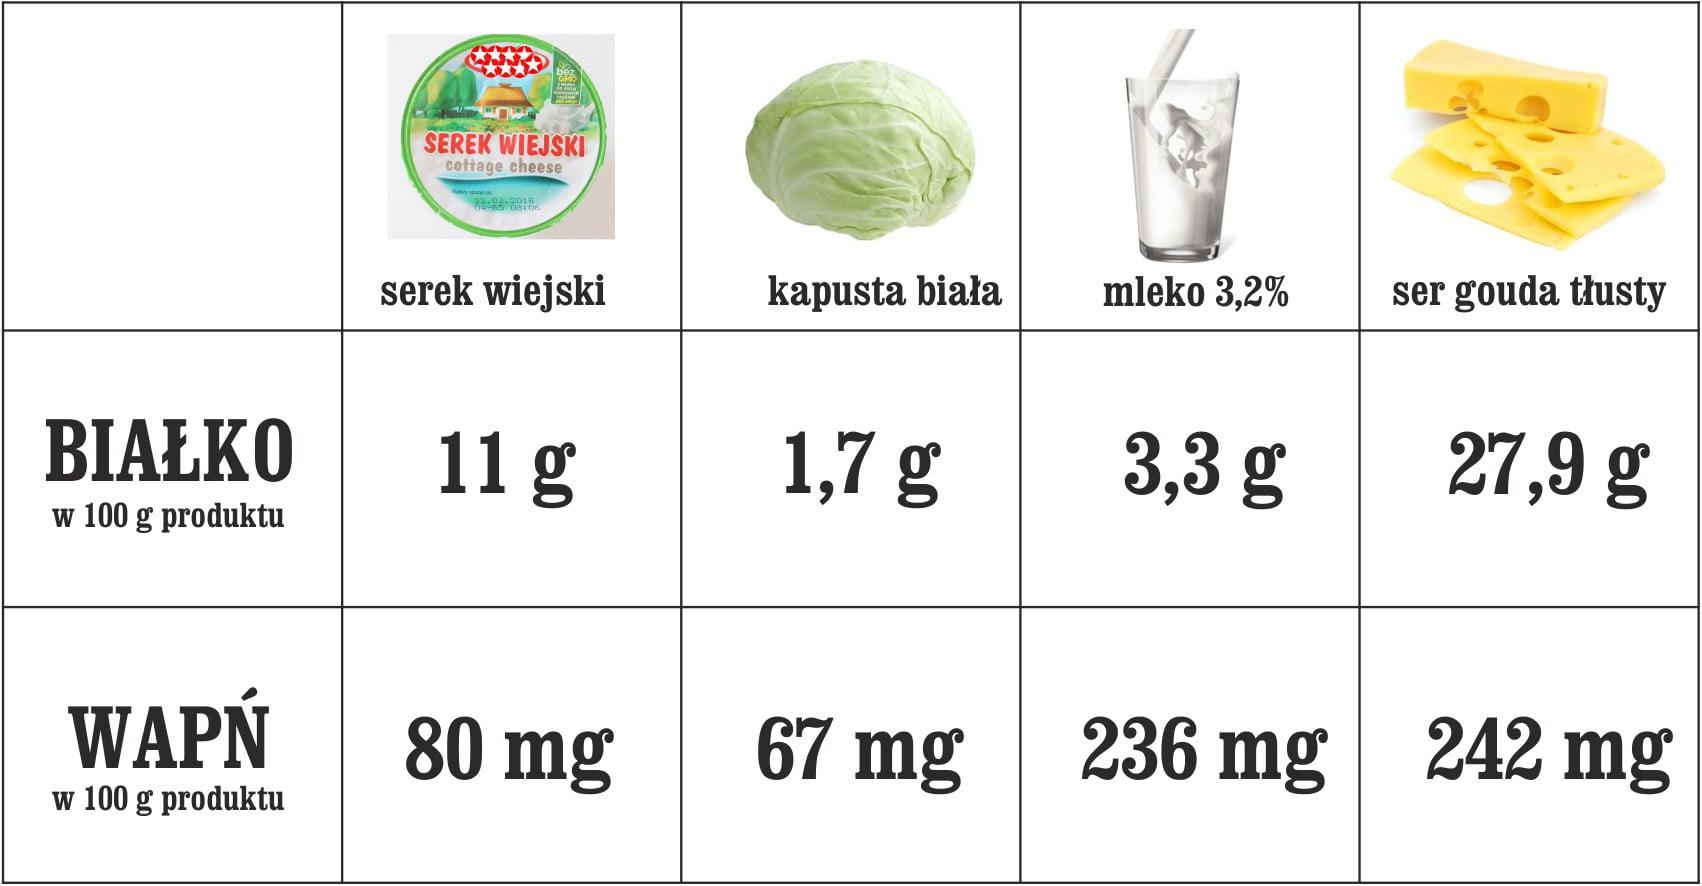 tabela_wapń_i_białko